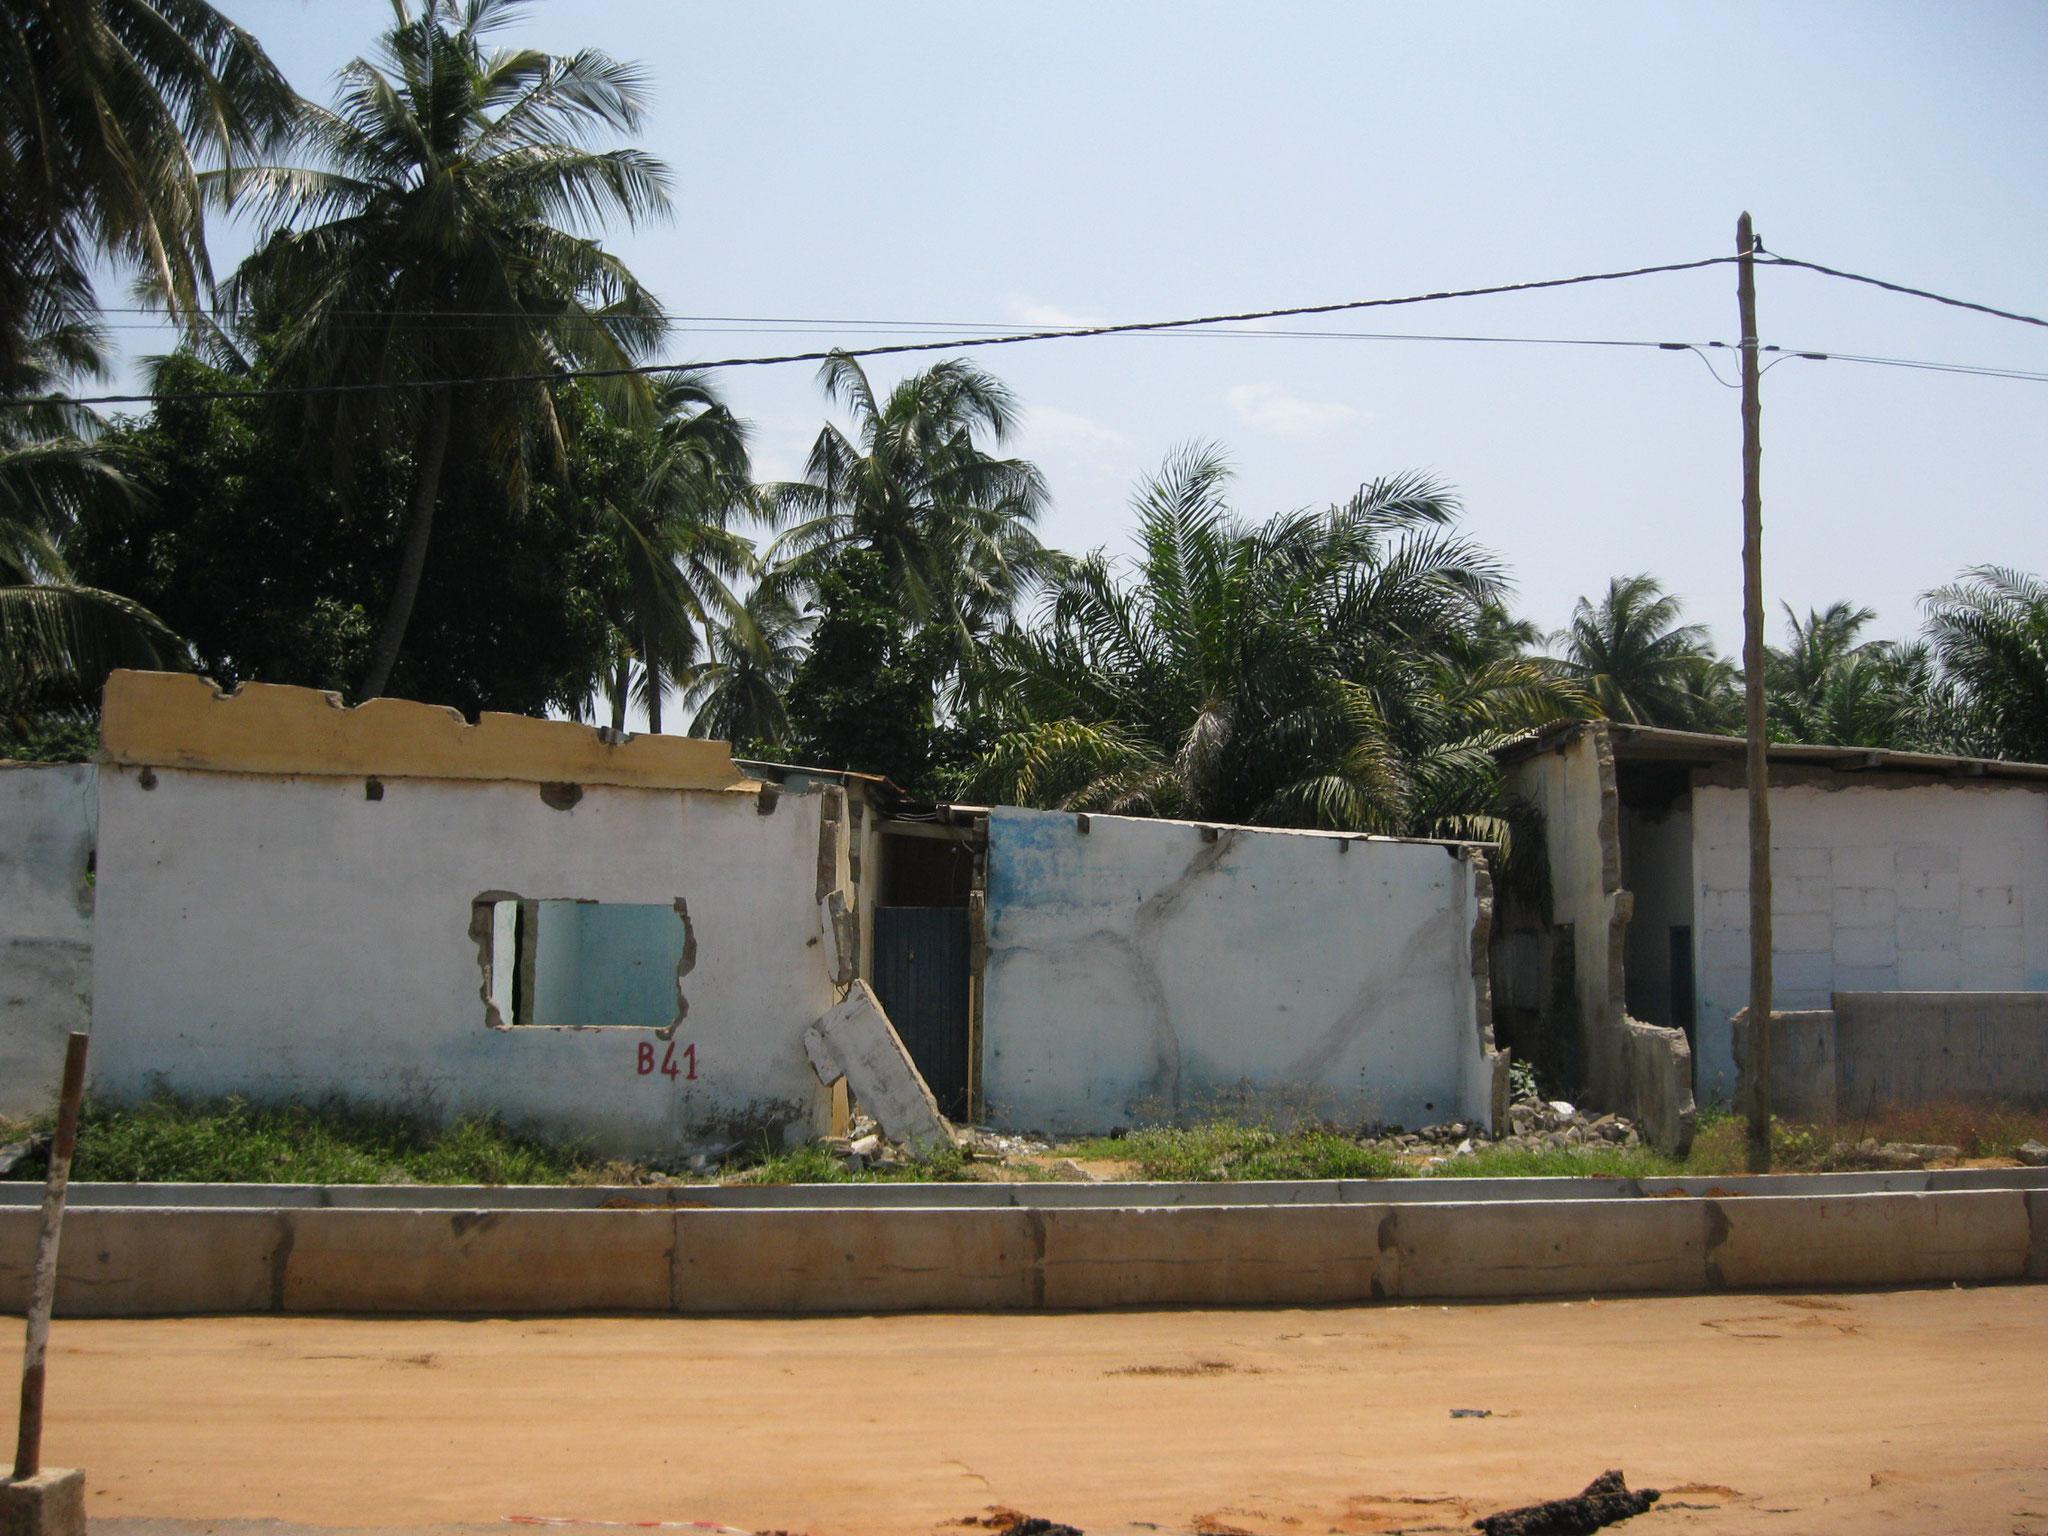 Häuser die zu nahe sind werden abgerissen. (Agbotrafo)